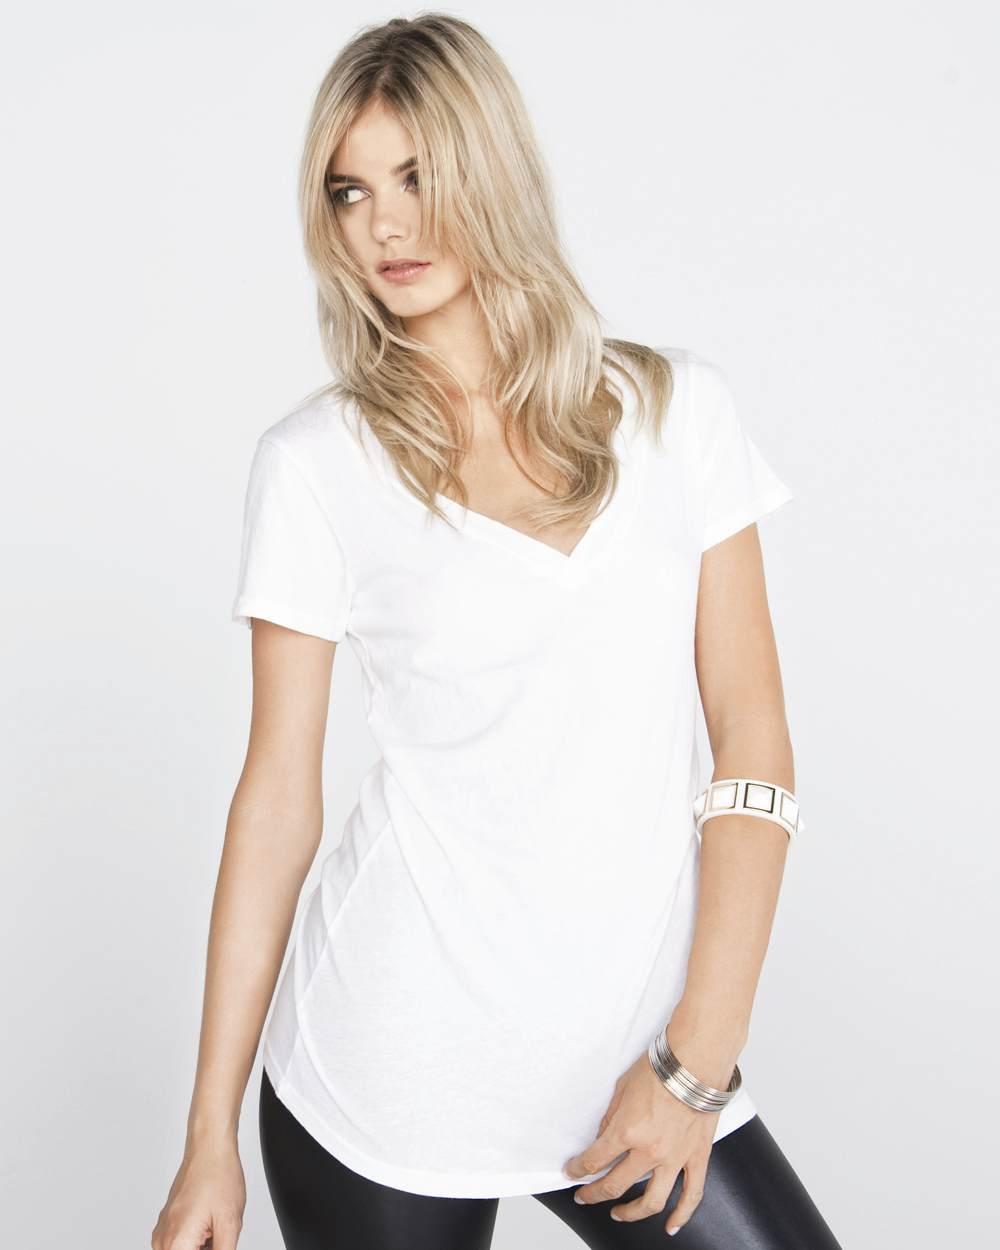 Bella 8417 lidia tissue jersey deep v-neck